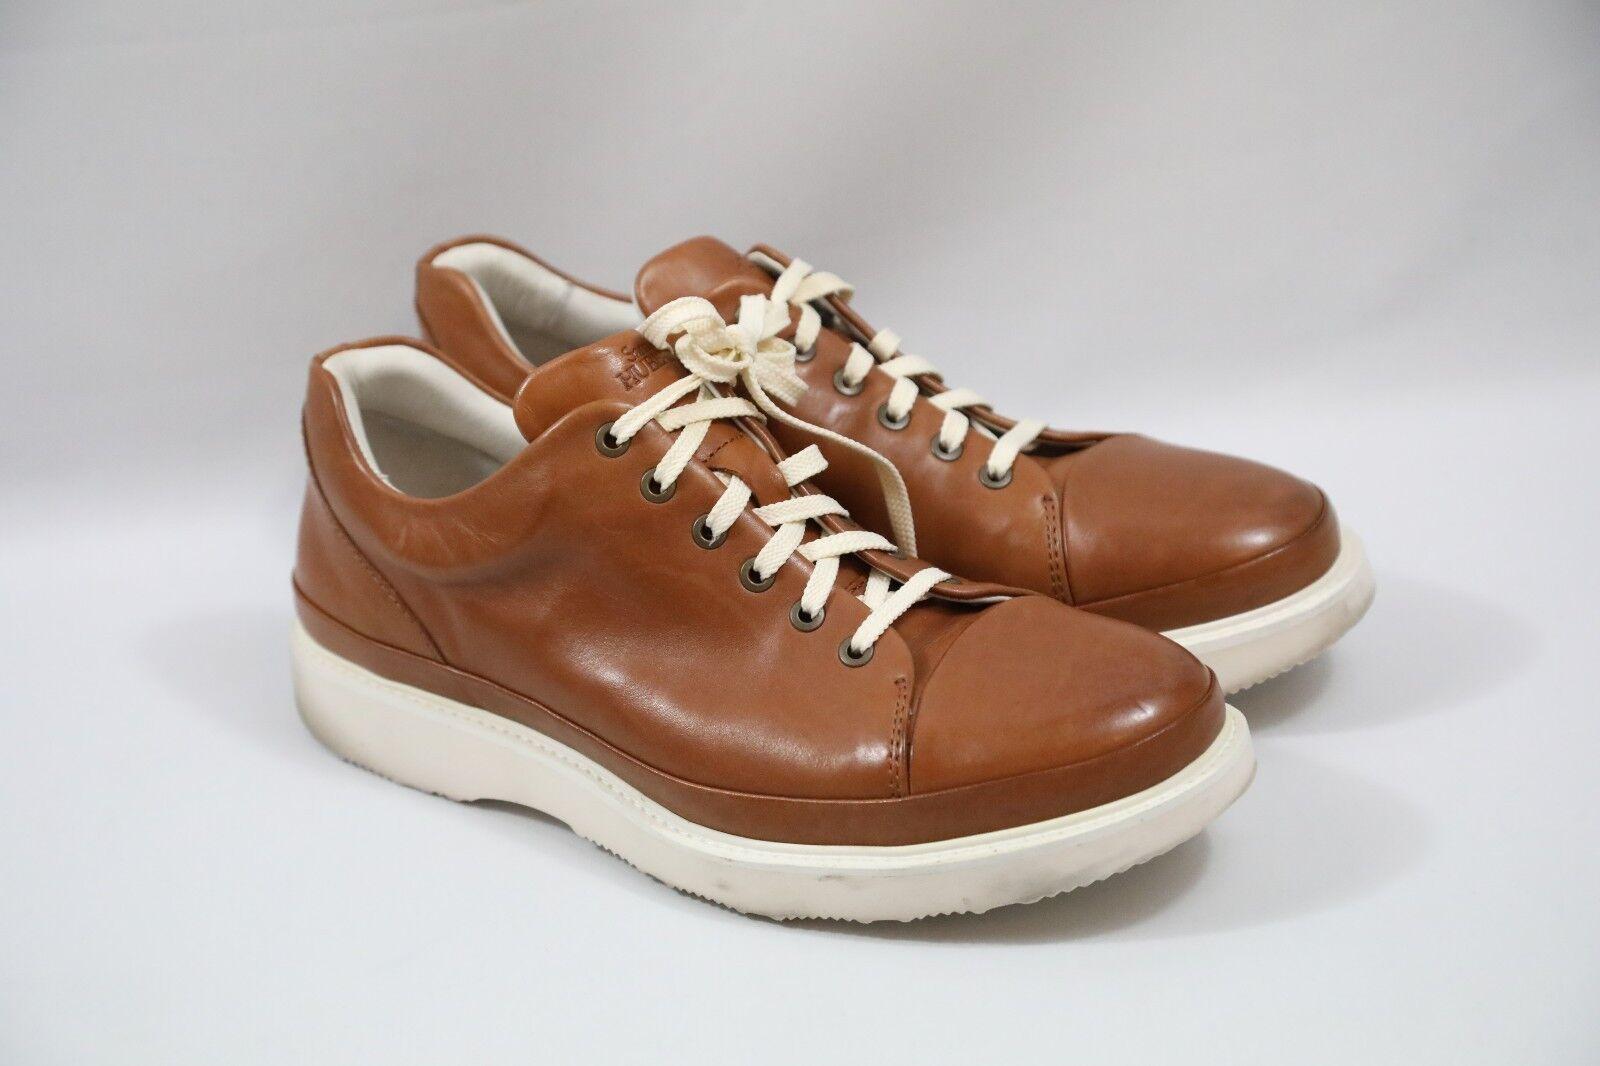 308 Samuel Hubbard Cuir Baskets Taille 11 W Retail  235